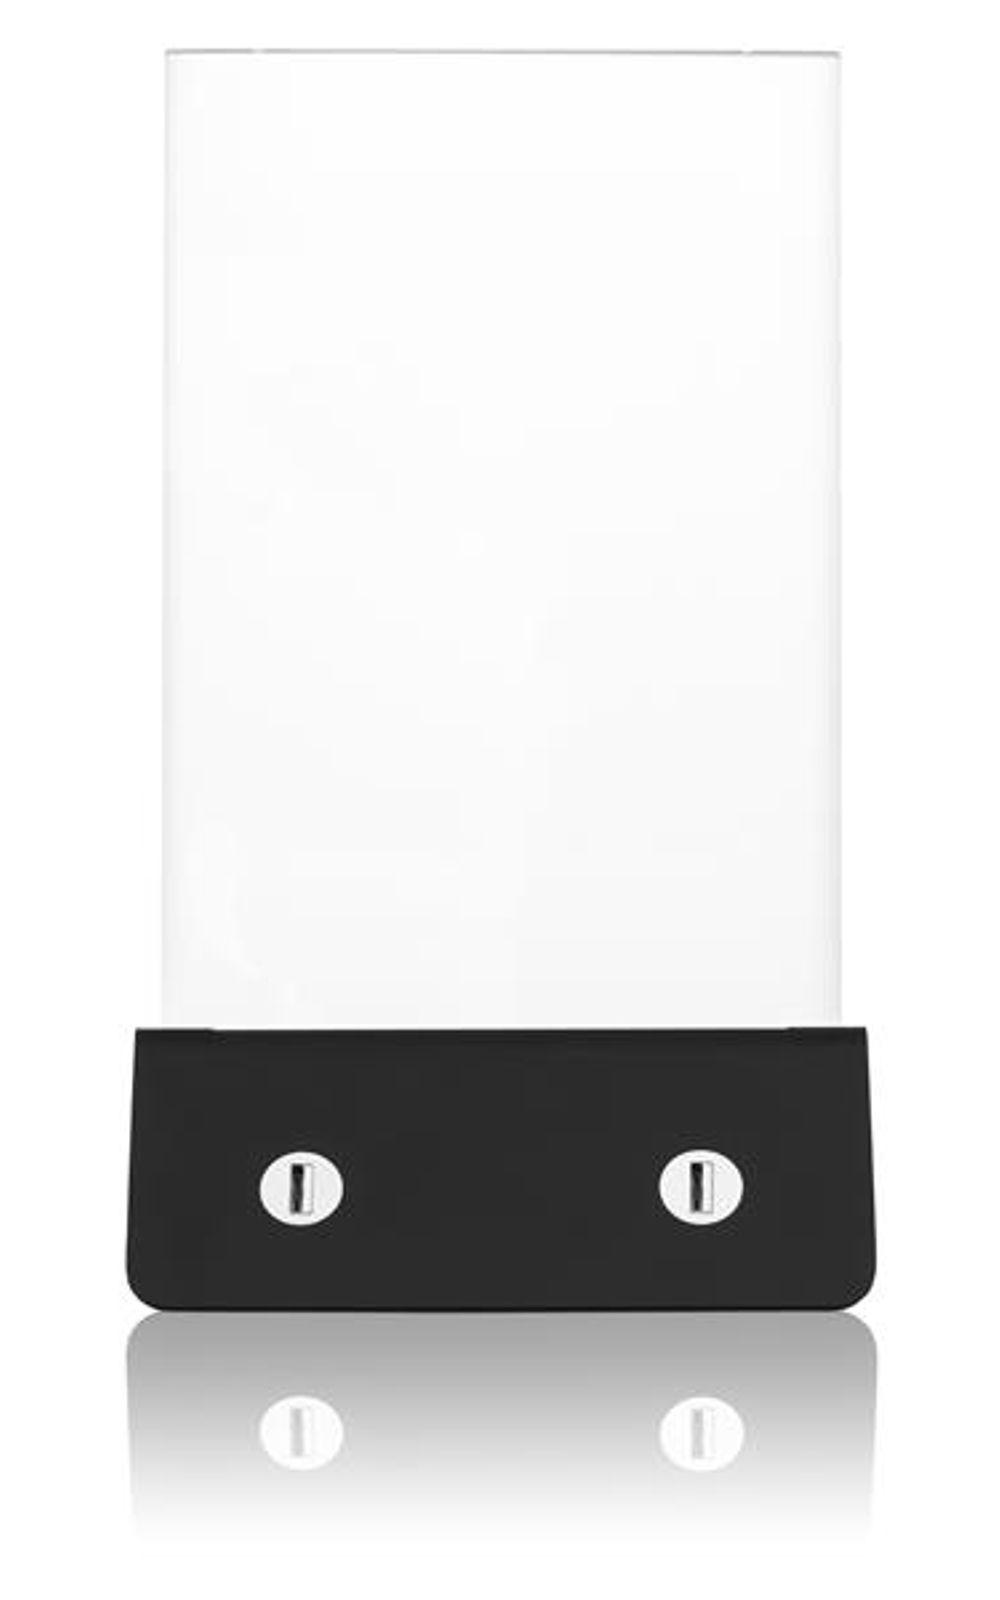 Foto 2 - Estação de Recarga 4 Entradas USB Preto Multilaser - CB106